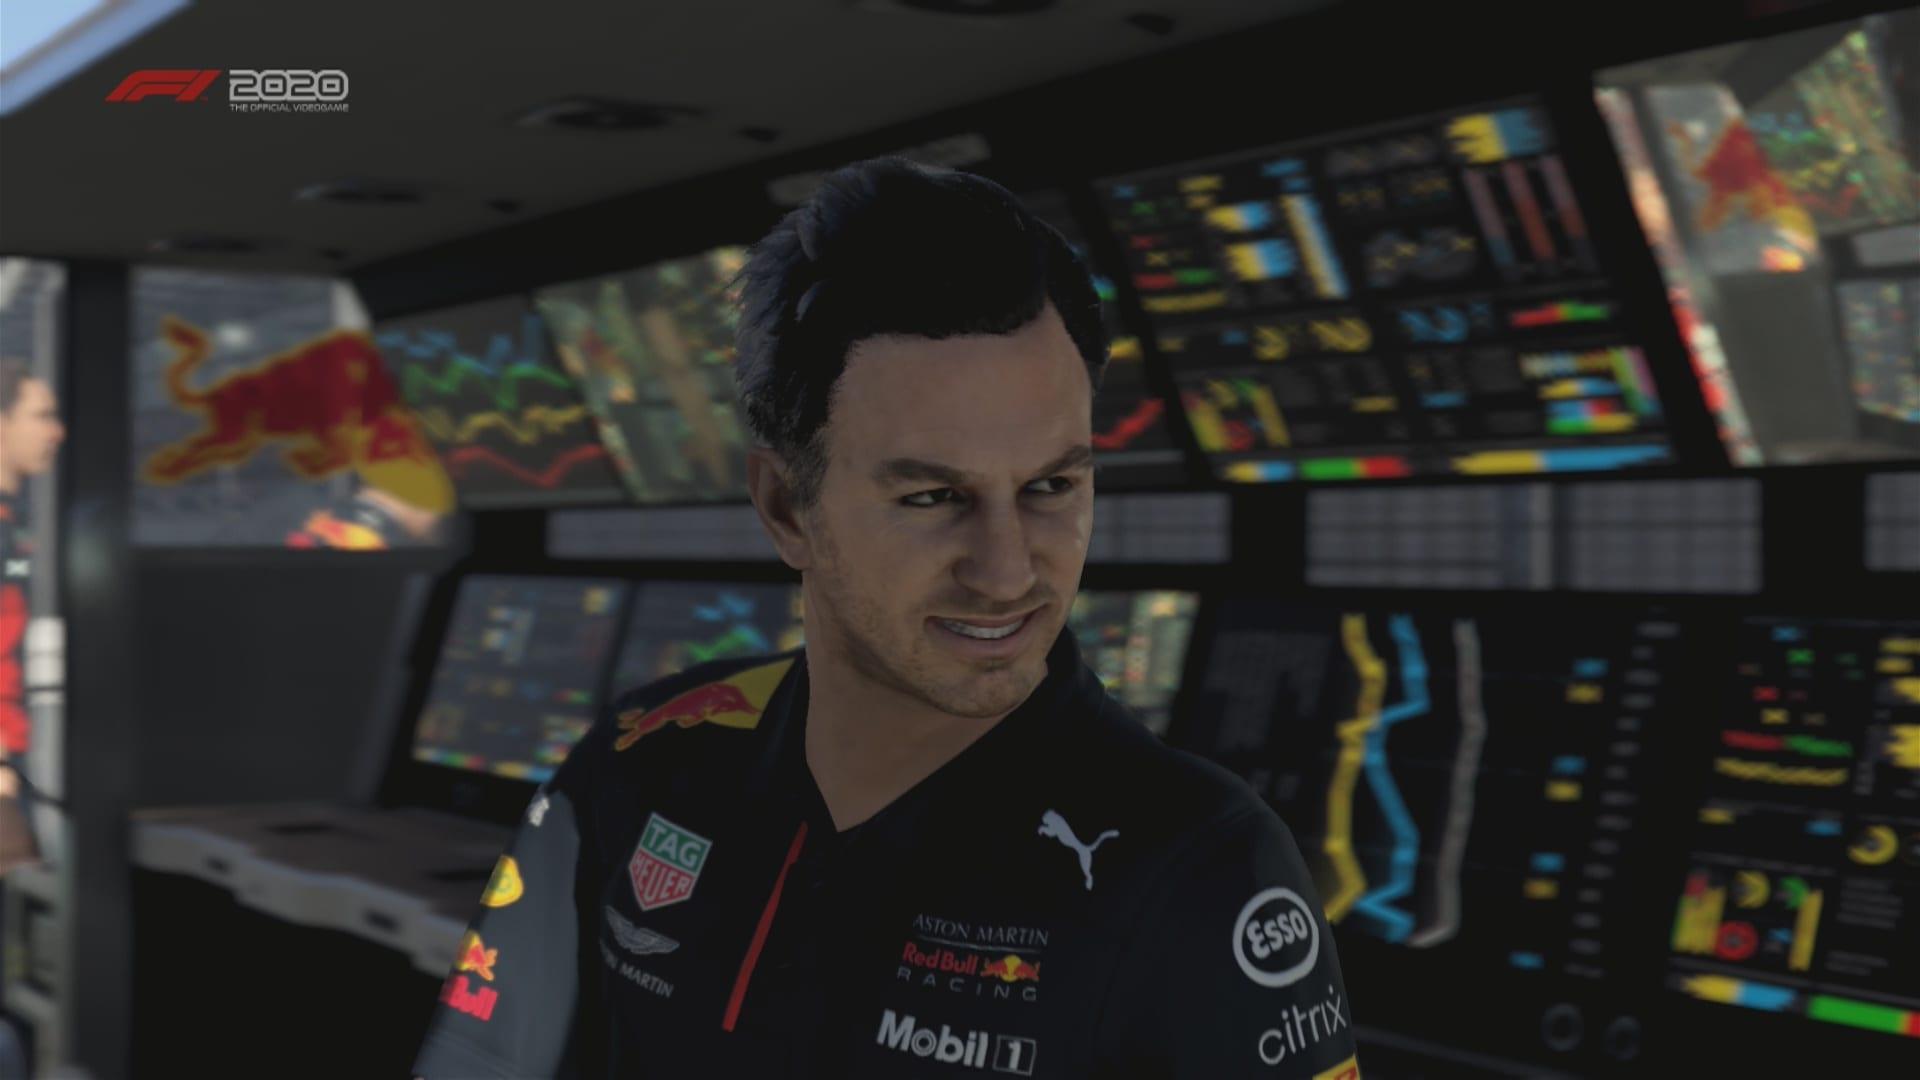 F1 2020 Game Christian Horner Pic